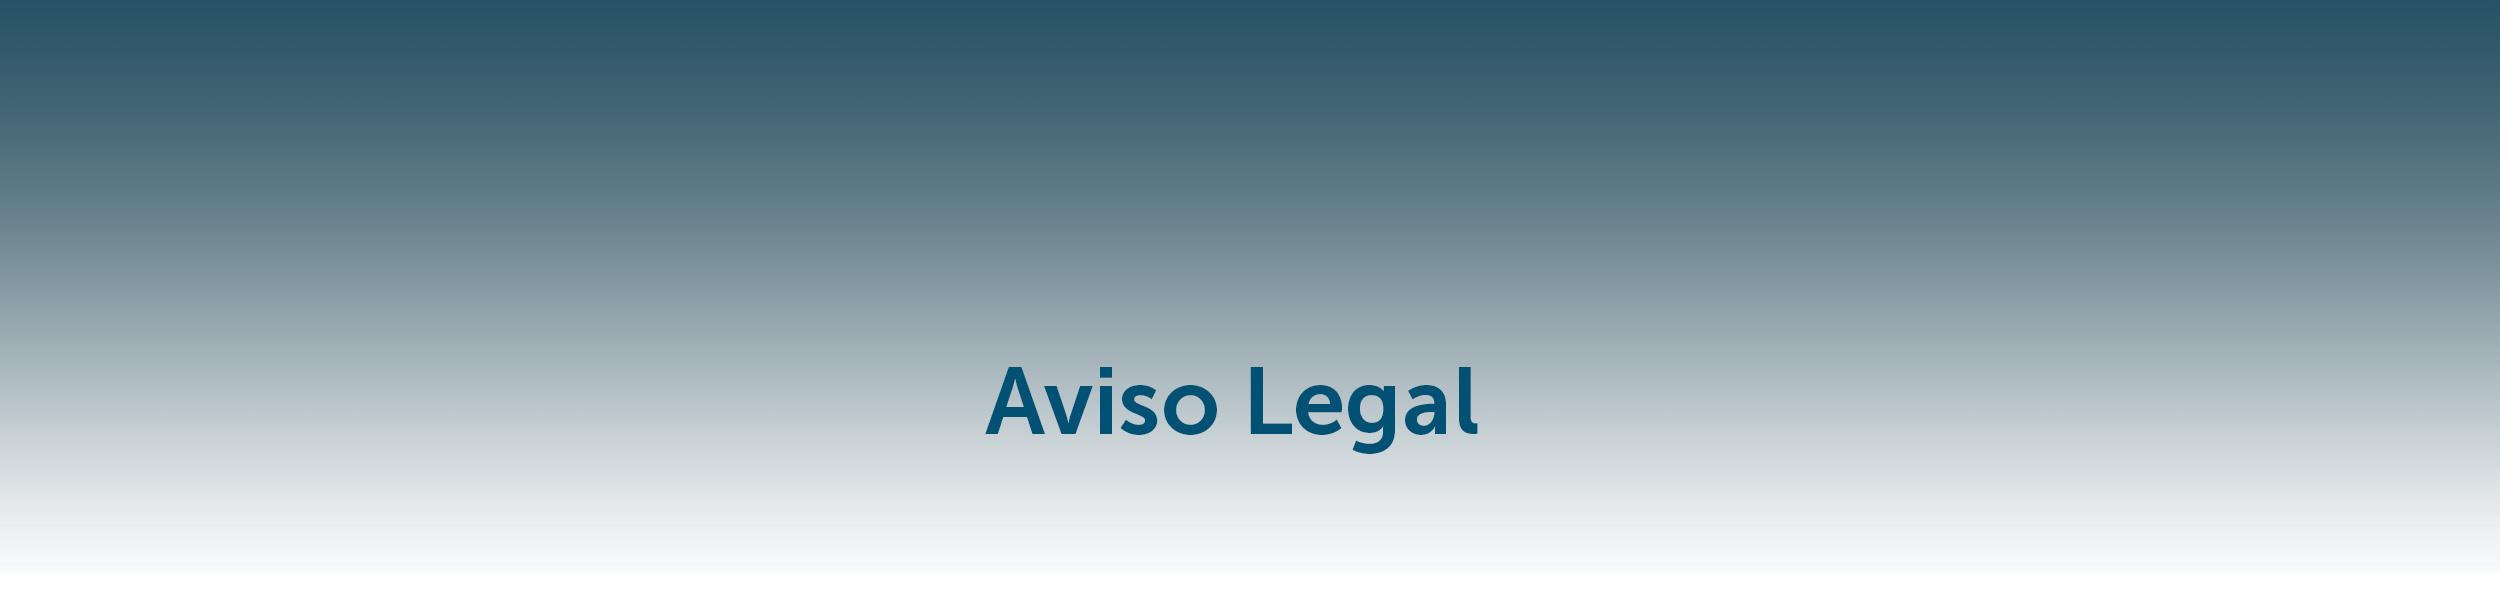 Aviso Legal – Protección de datos